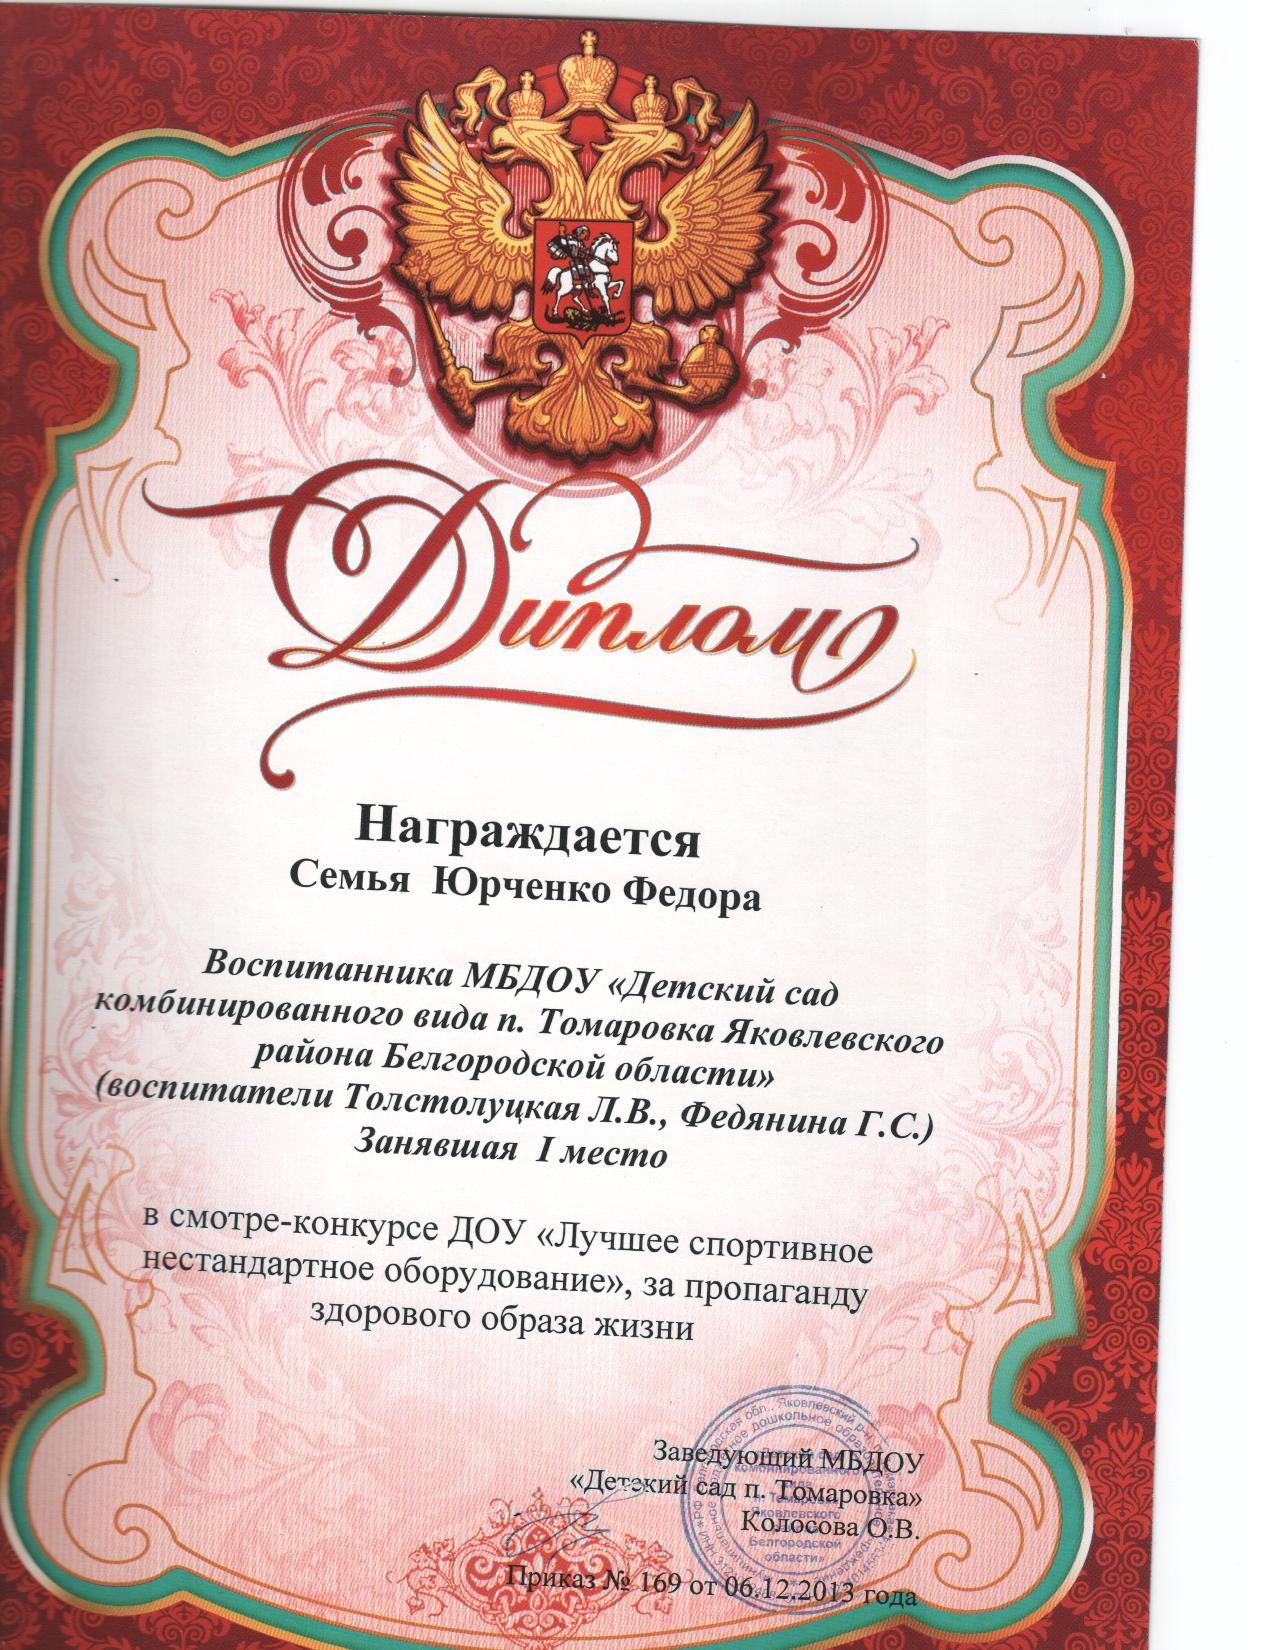 C:\Documents and Settings\Администратор\Рабочий стол\ИП Юрченко\Заявки\16,08.14 001.jpg